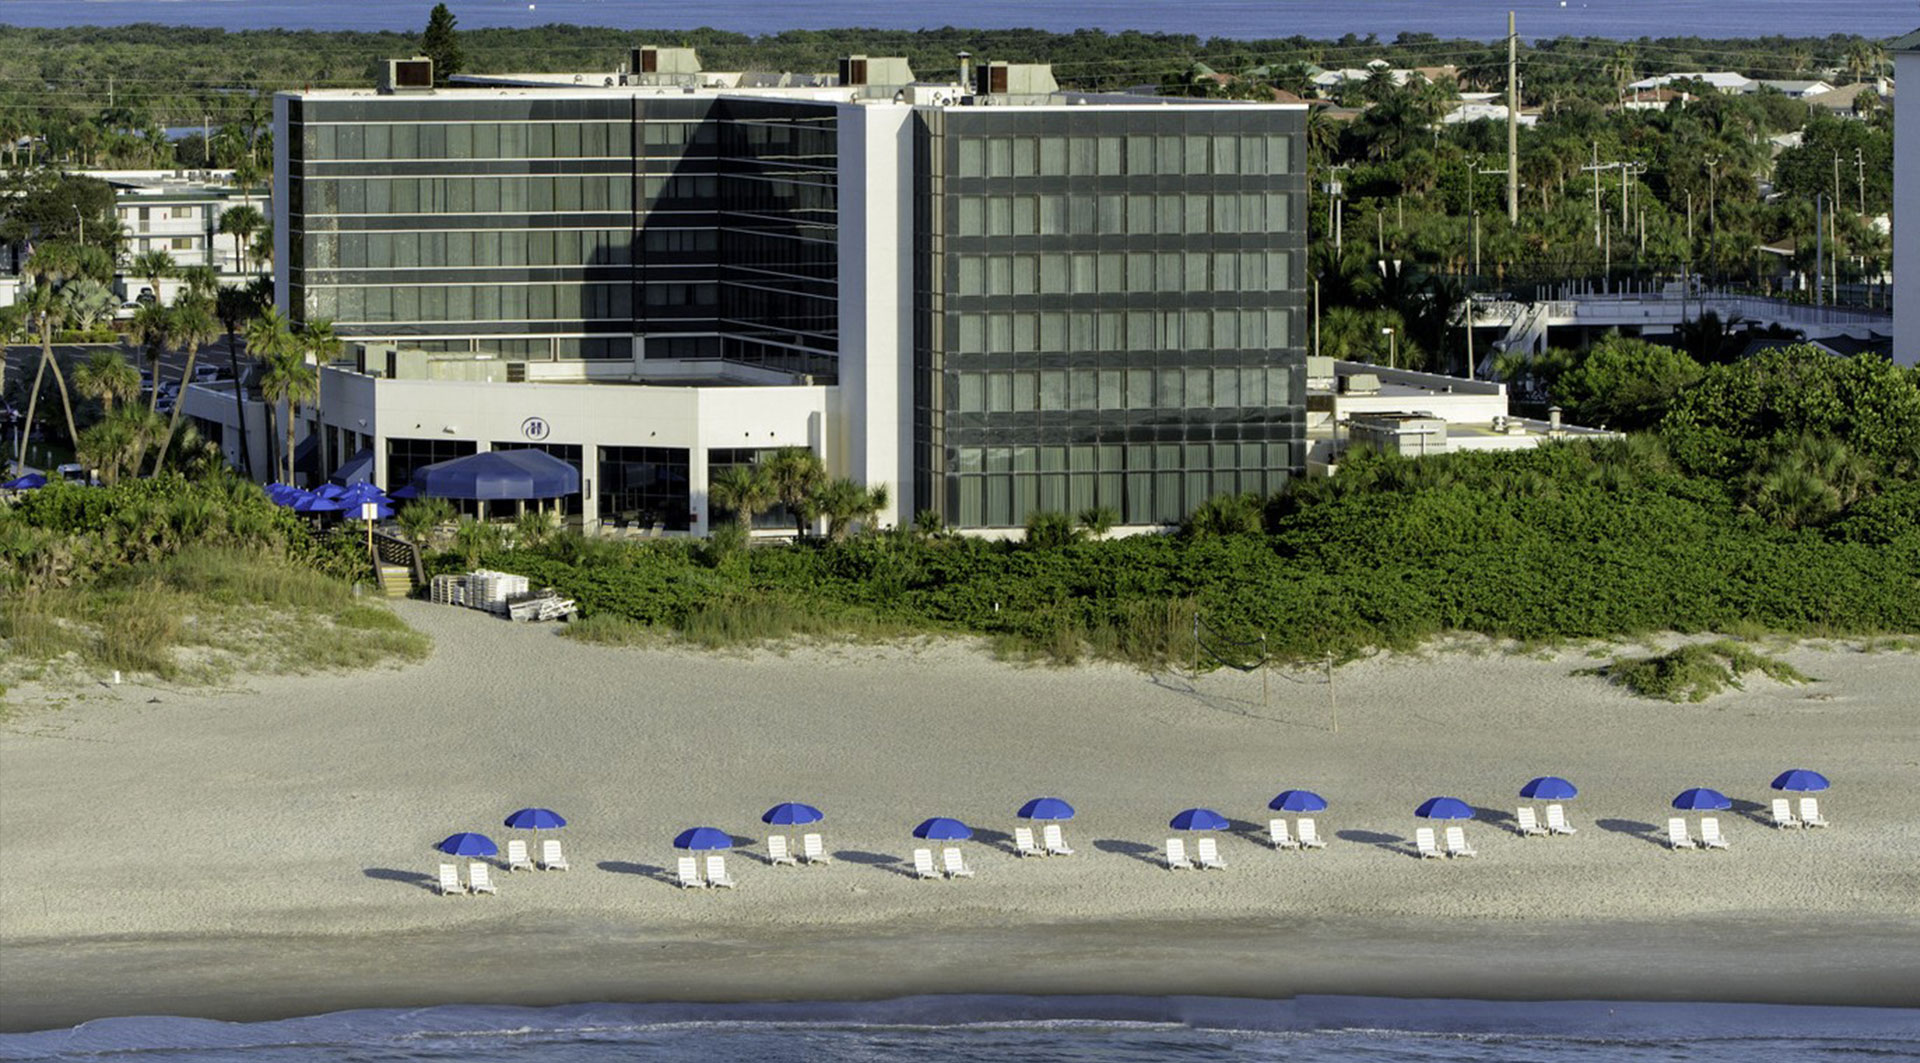 daytona 500 hotels cocoa beach